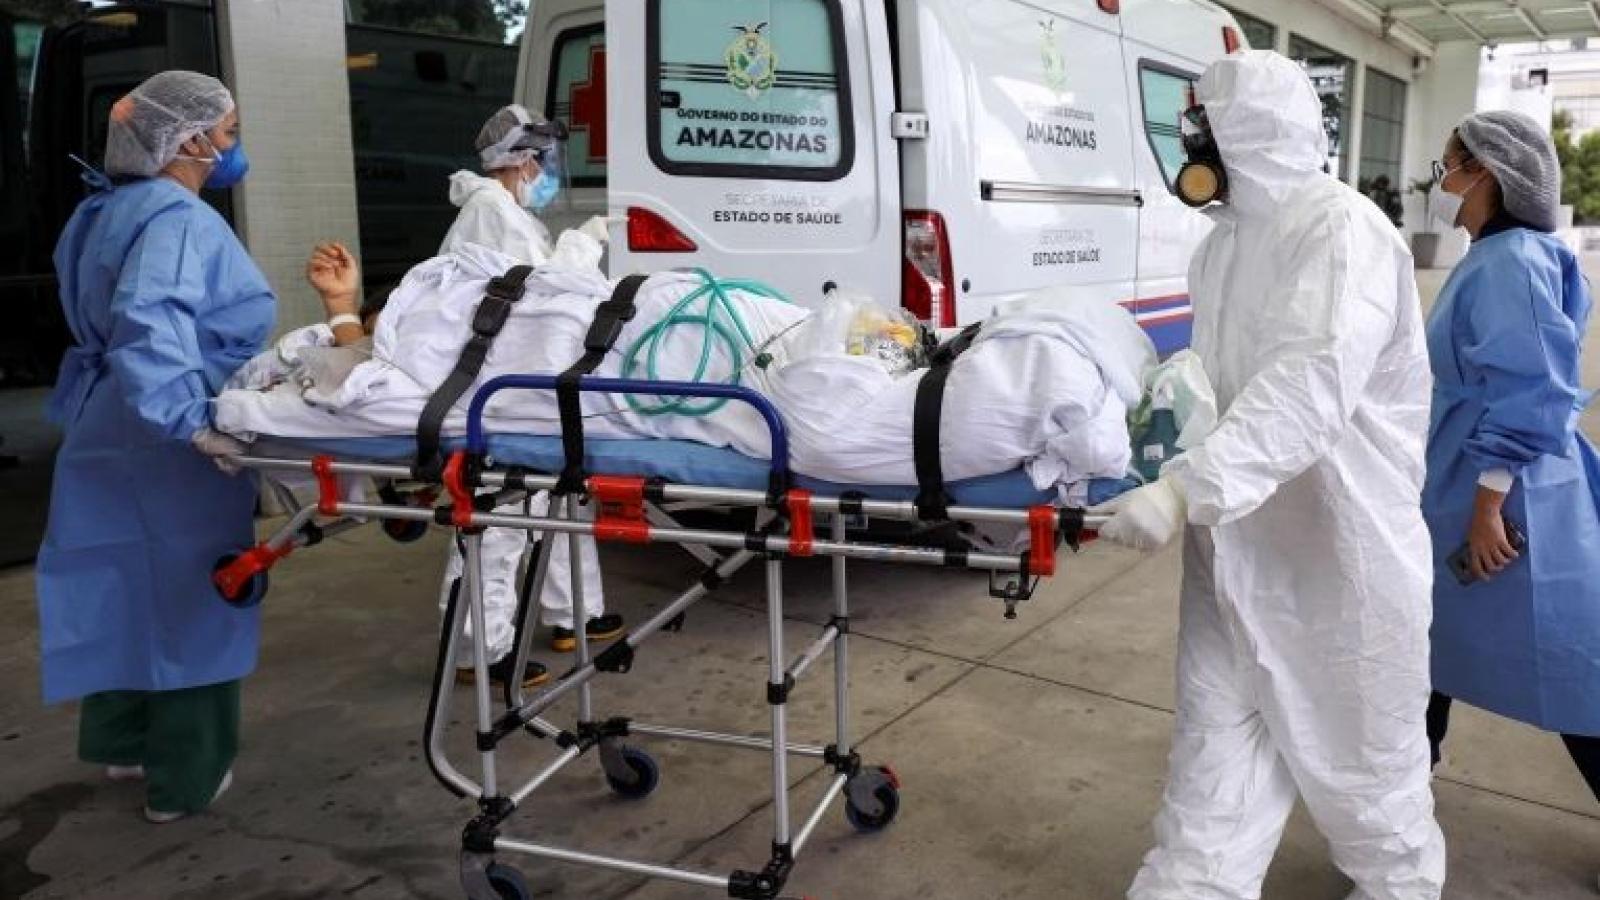 Brazil xuất hiện thêm biến thể mới của virus SARS CoV-2